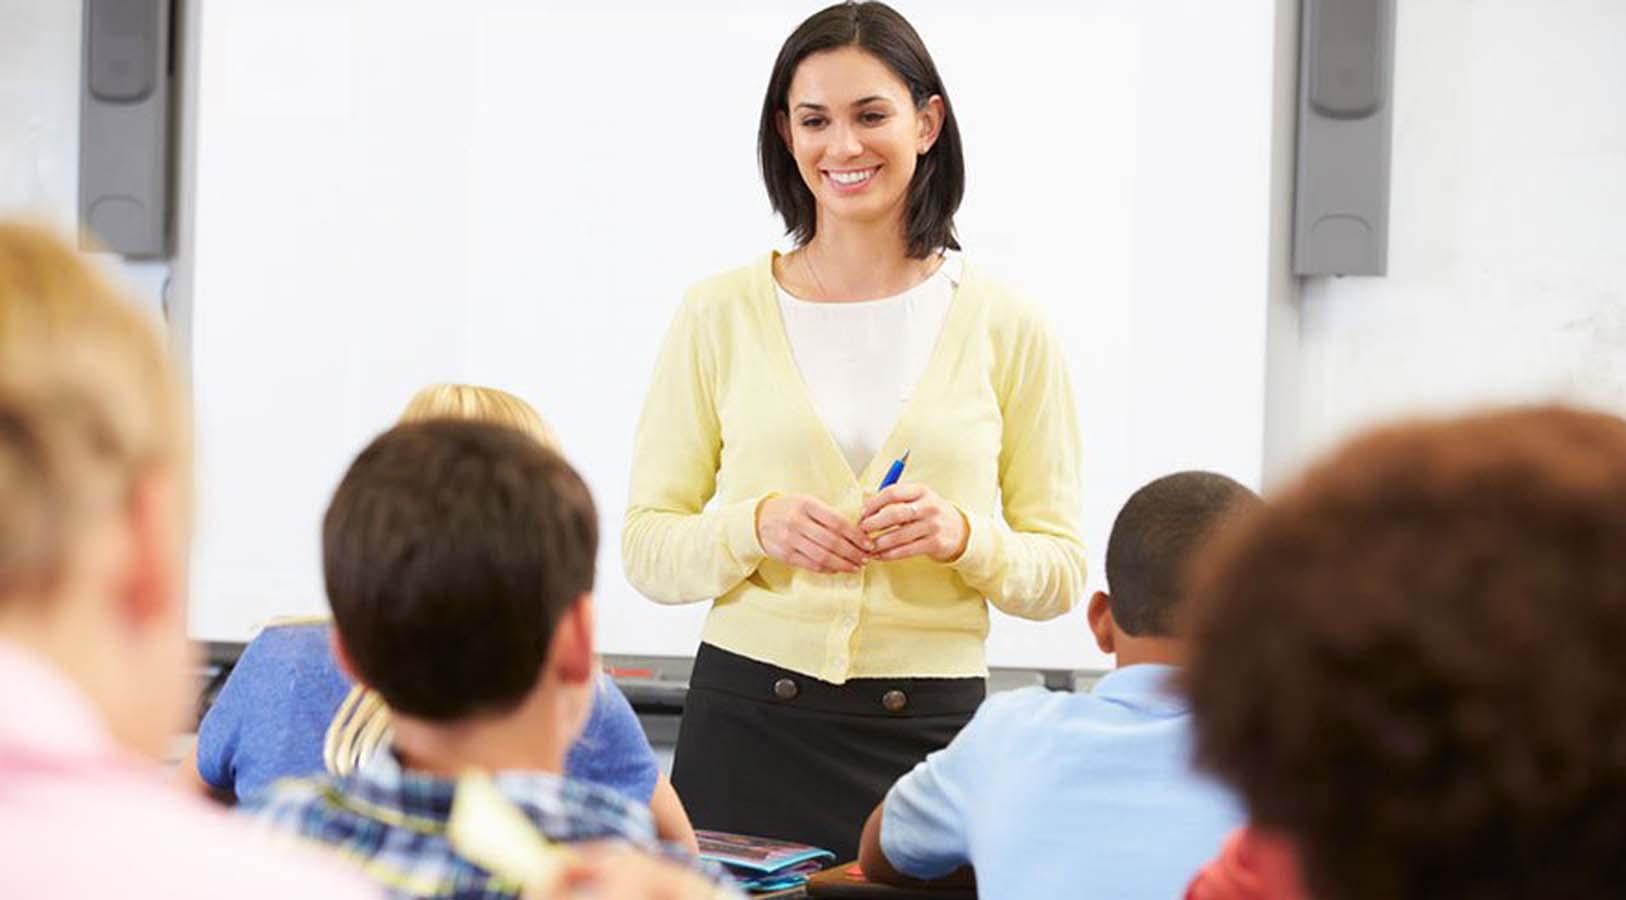 Öğretmenlerin Alan Değişikliği 12 Aralık'ta Başlayacak.